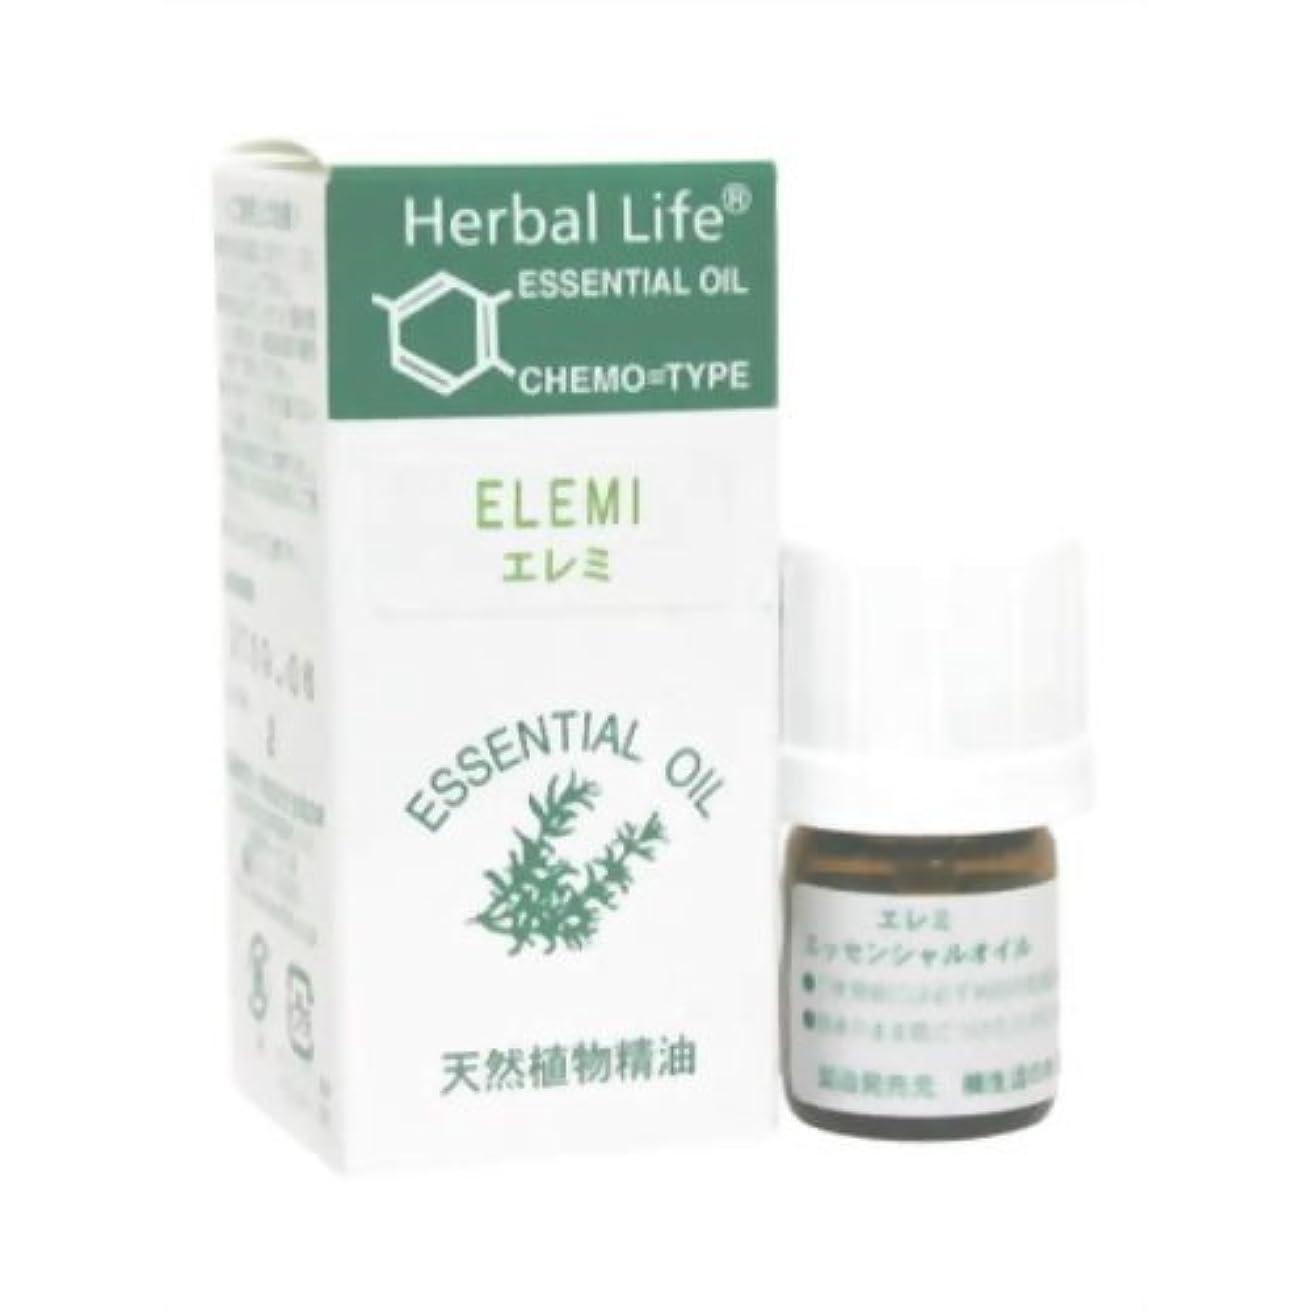 吸い込む調和原始的なHerbal Life エレミ 3ml